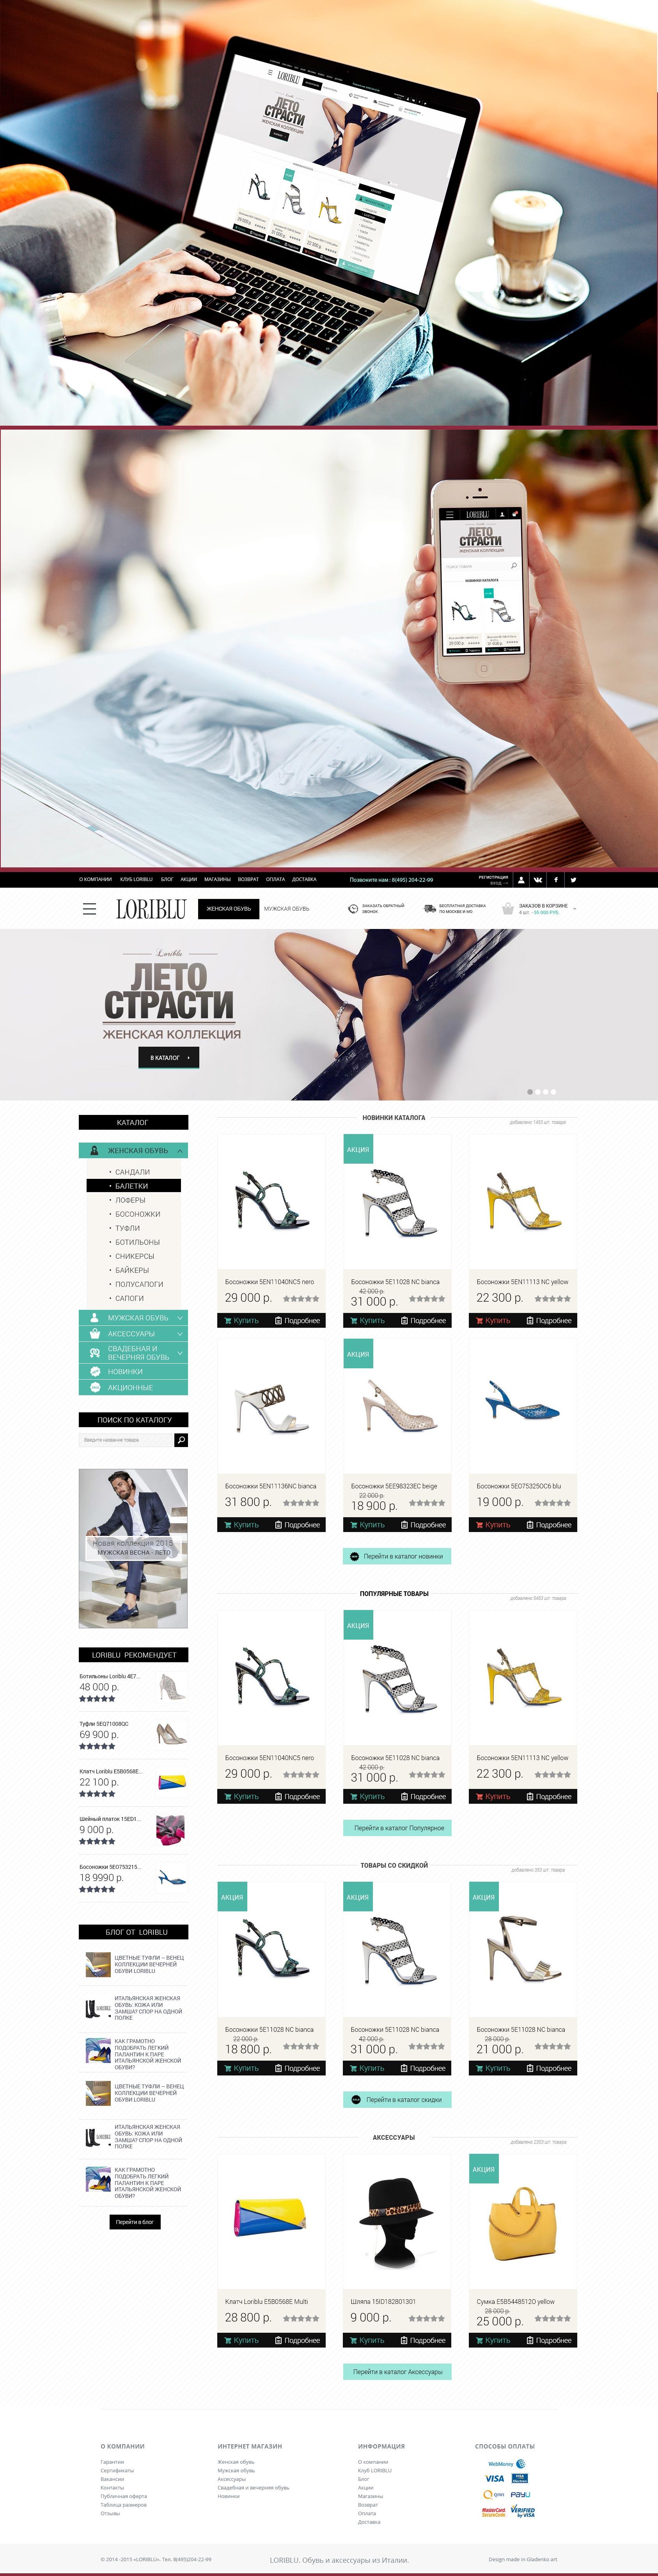 Дизайн магазина LoriBlu